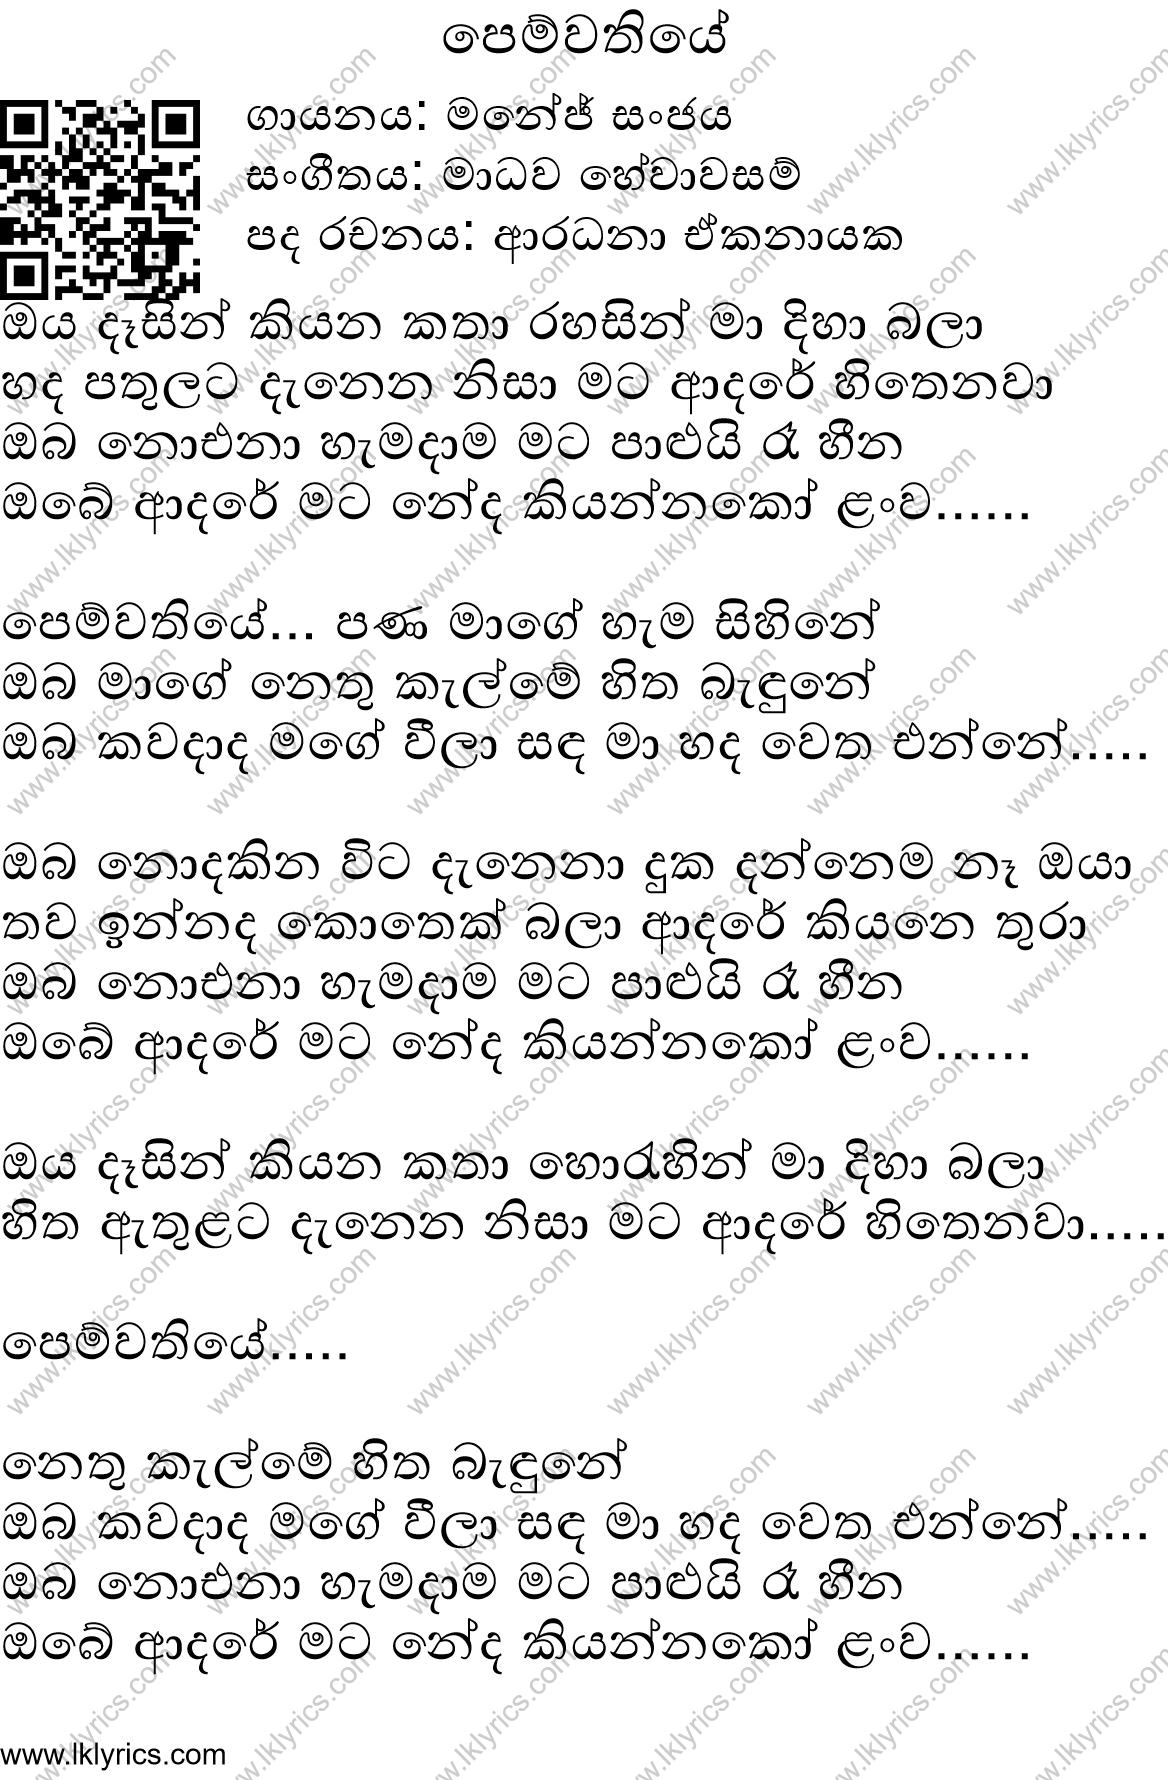 Pemwathiye Lyrics - LK Lyrics